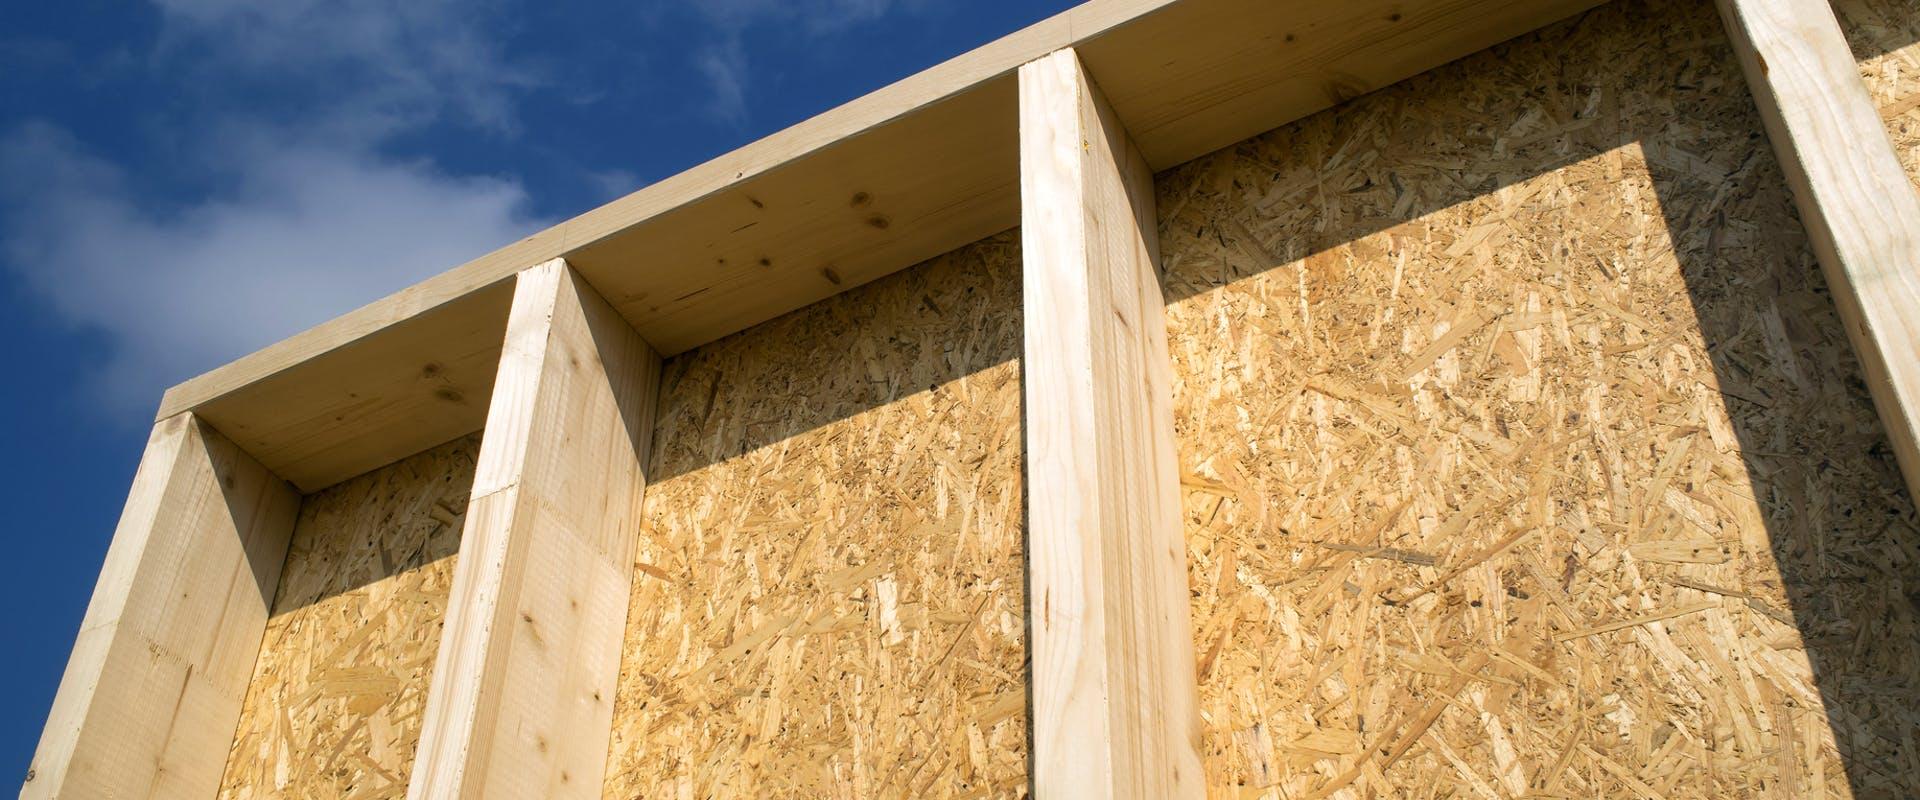 Etwas Neues genug Holzrahmenbau: Konstruktion und Dämmung - Fertighaus.de Ratgeber #WA_39